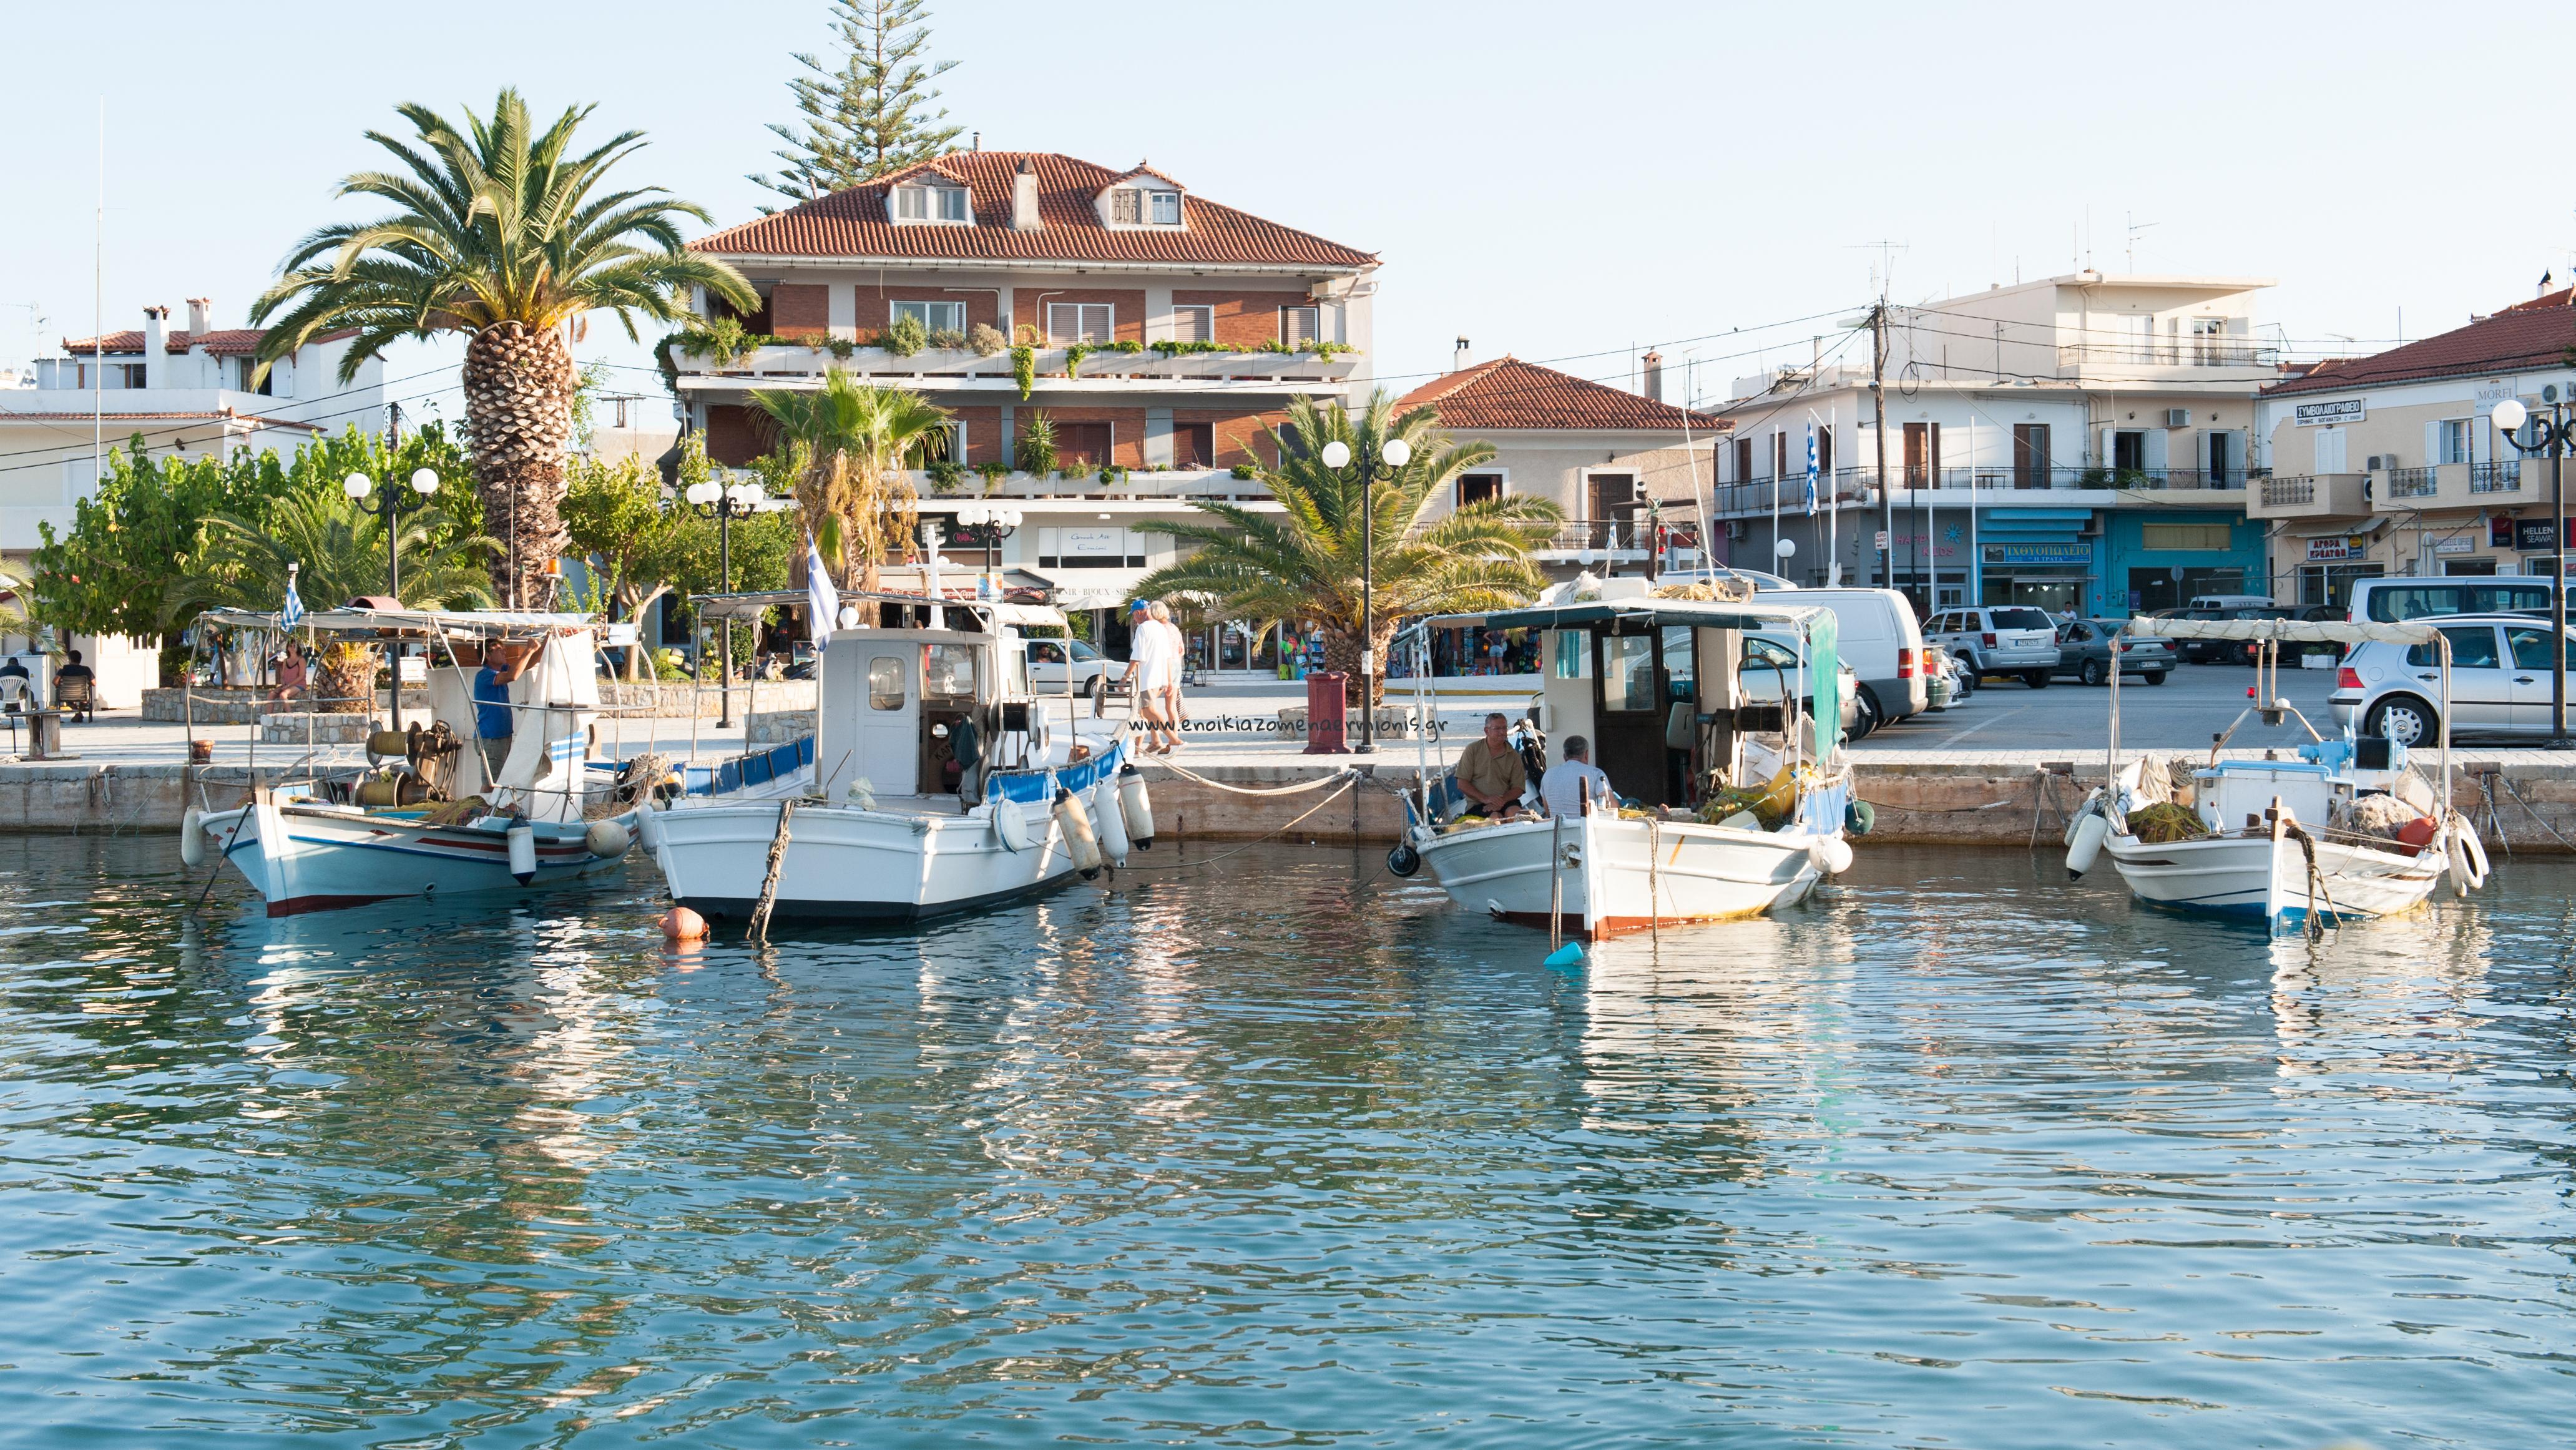 Ψαρόβαρκες στο λιμάνι της Ερμιόνης